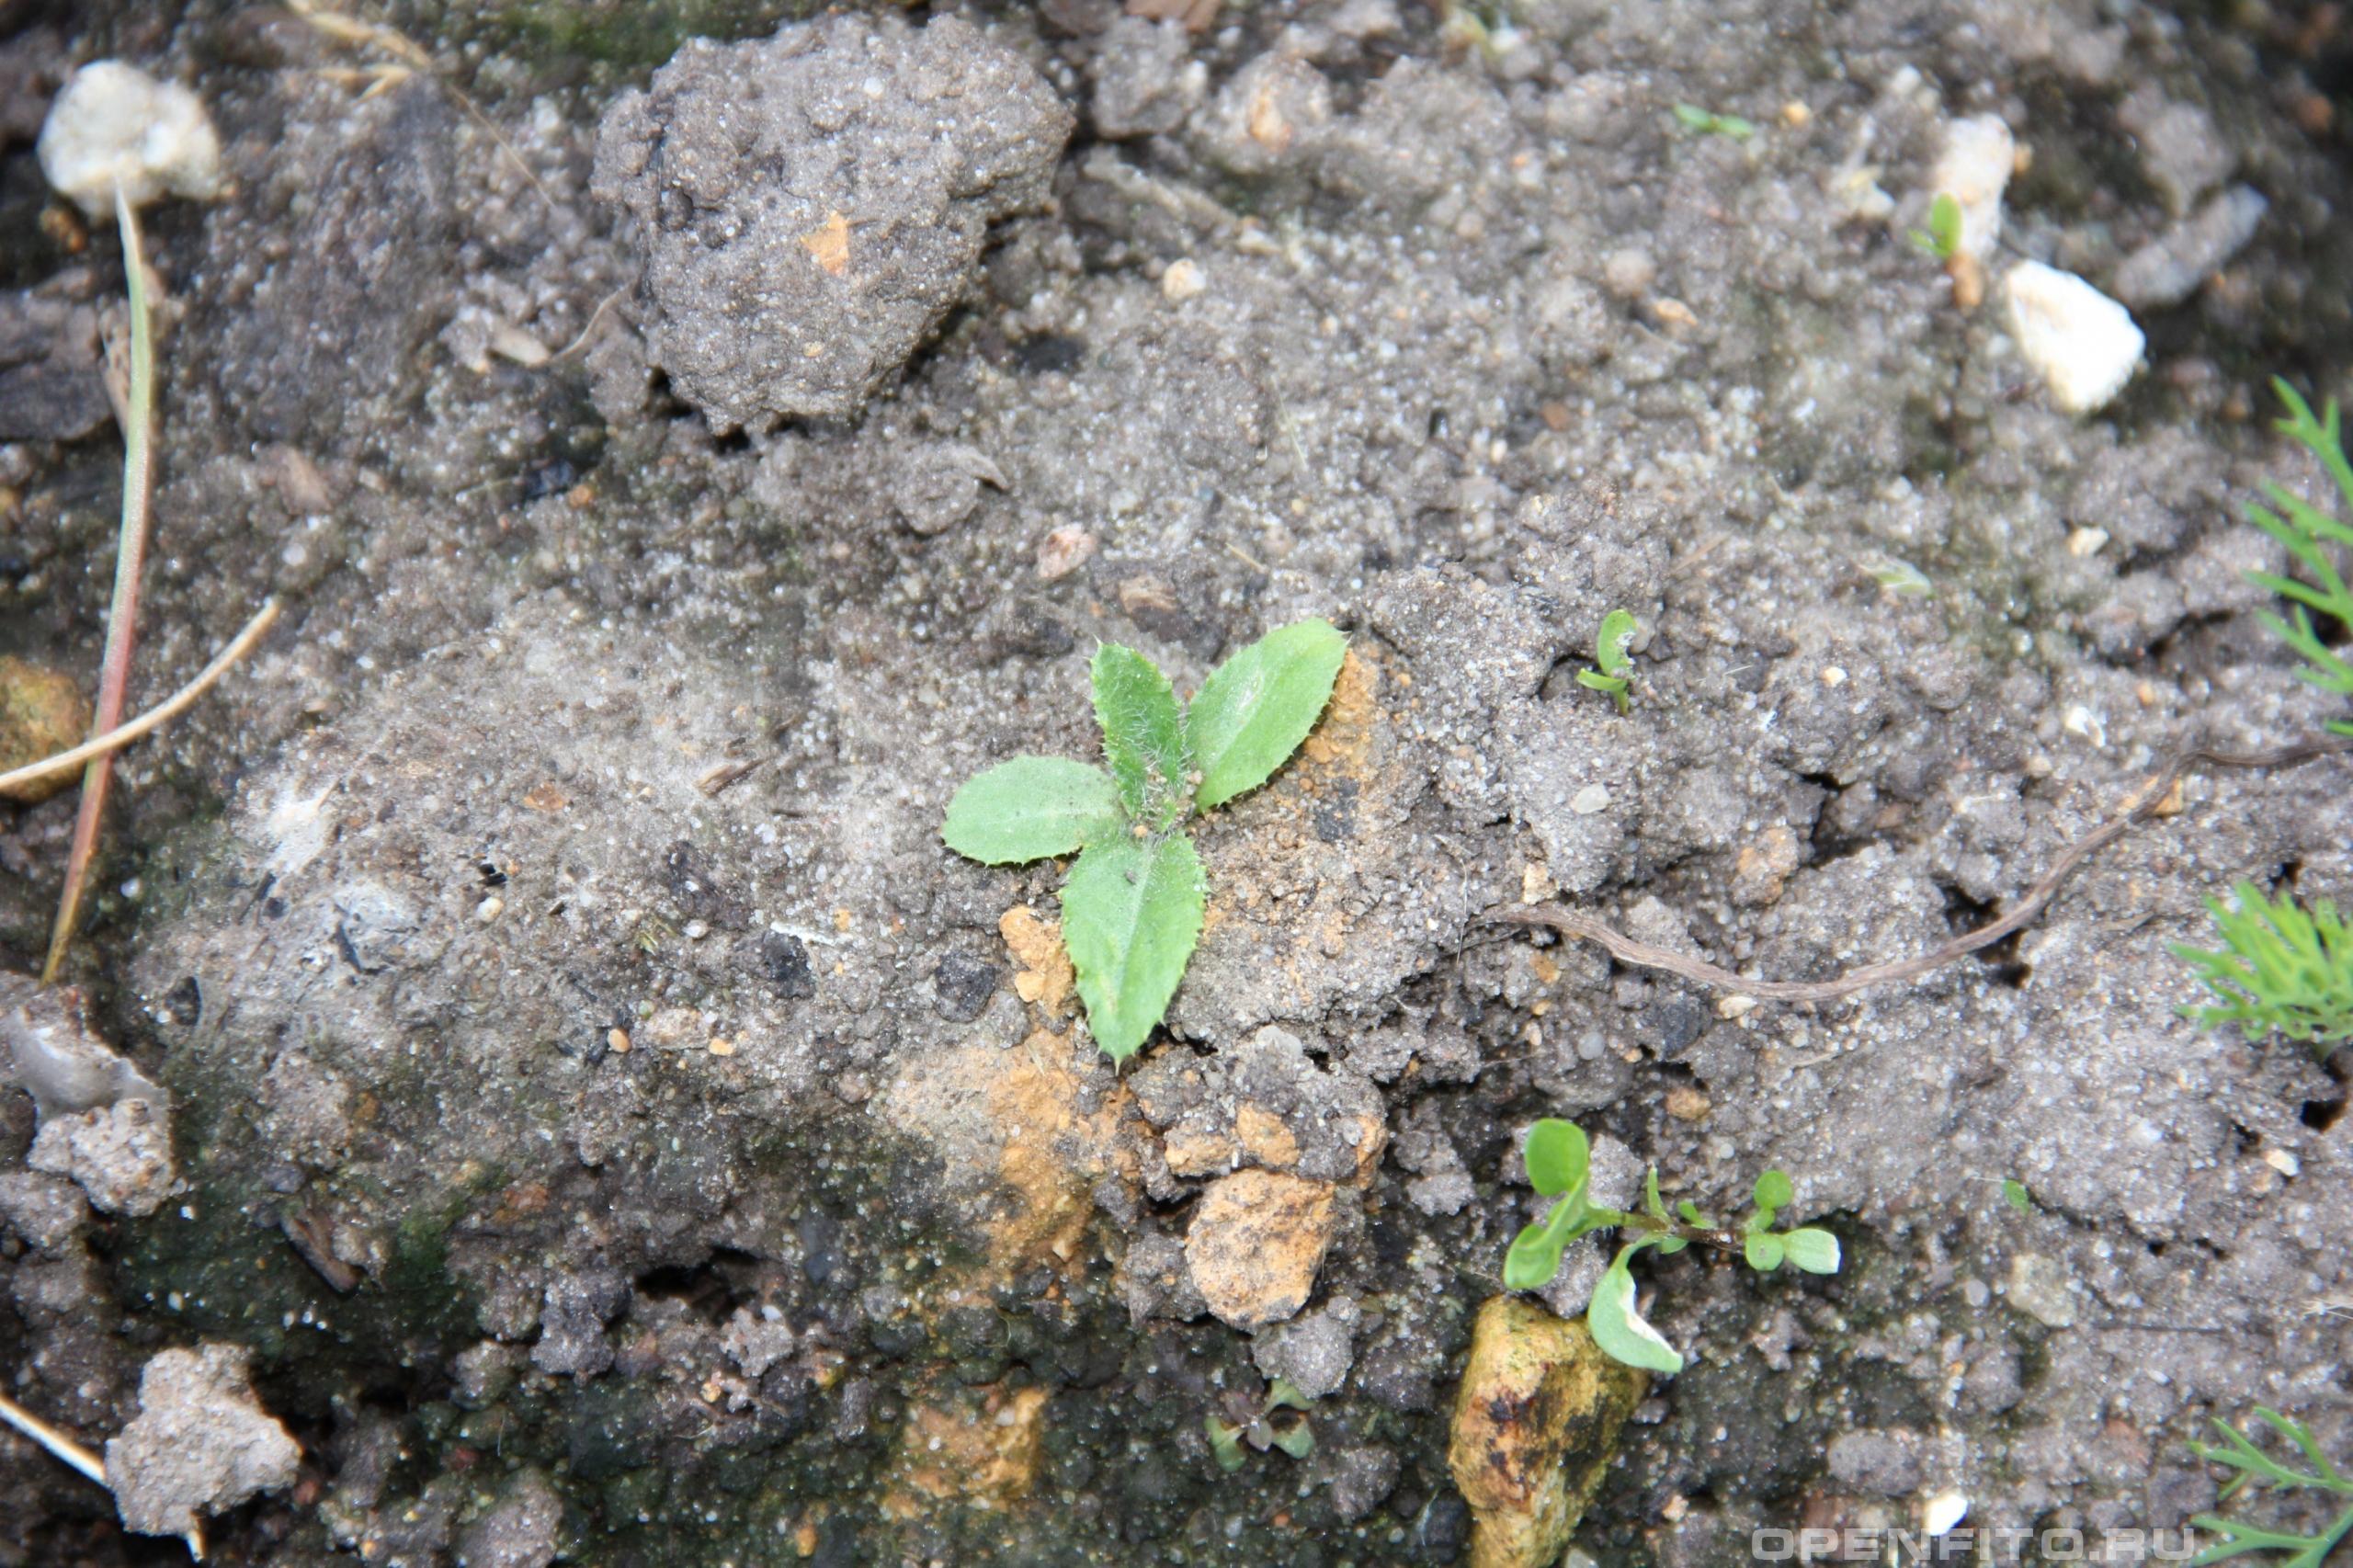 Бодяк щетинистый очень трудноискореняемый сорняк, лучше от него избавляться в таком виде